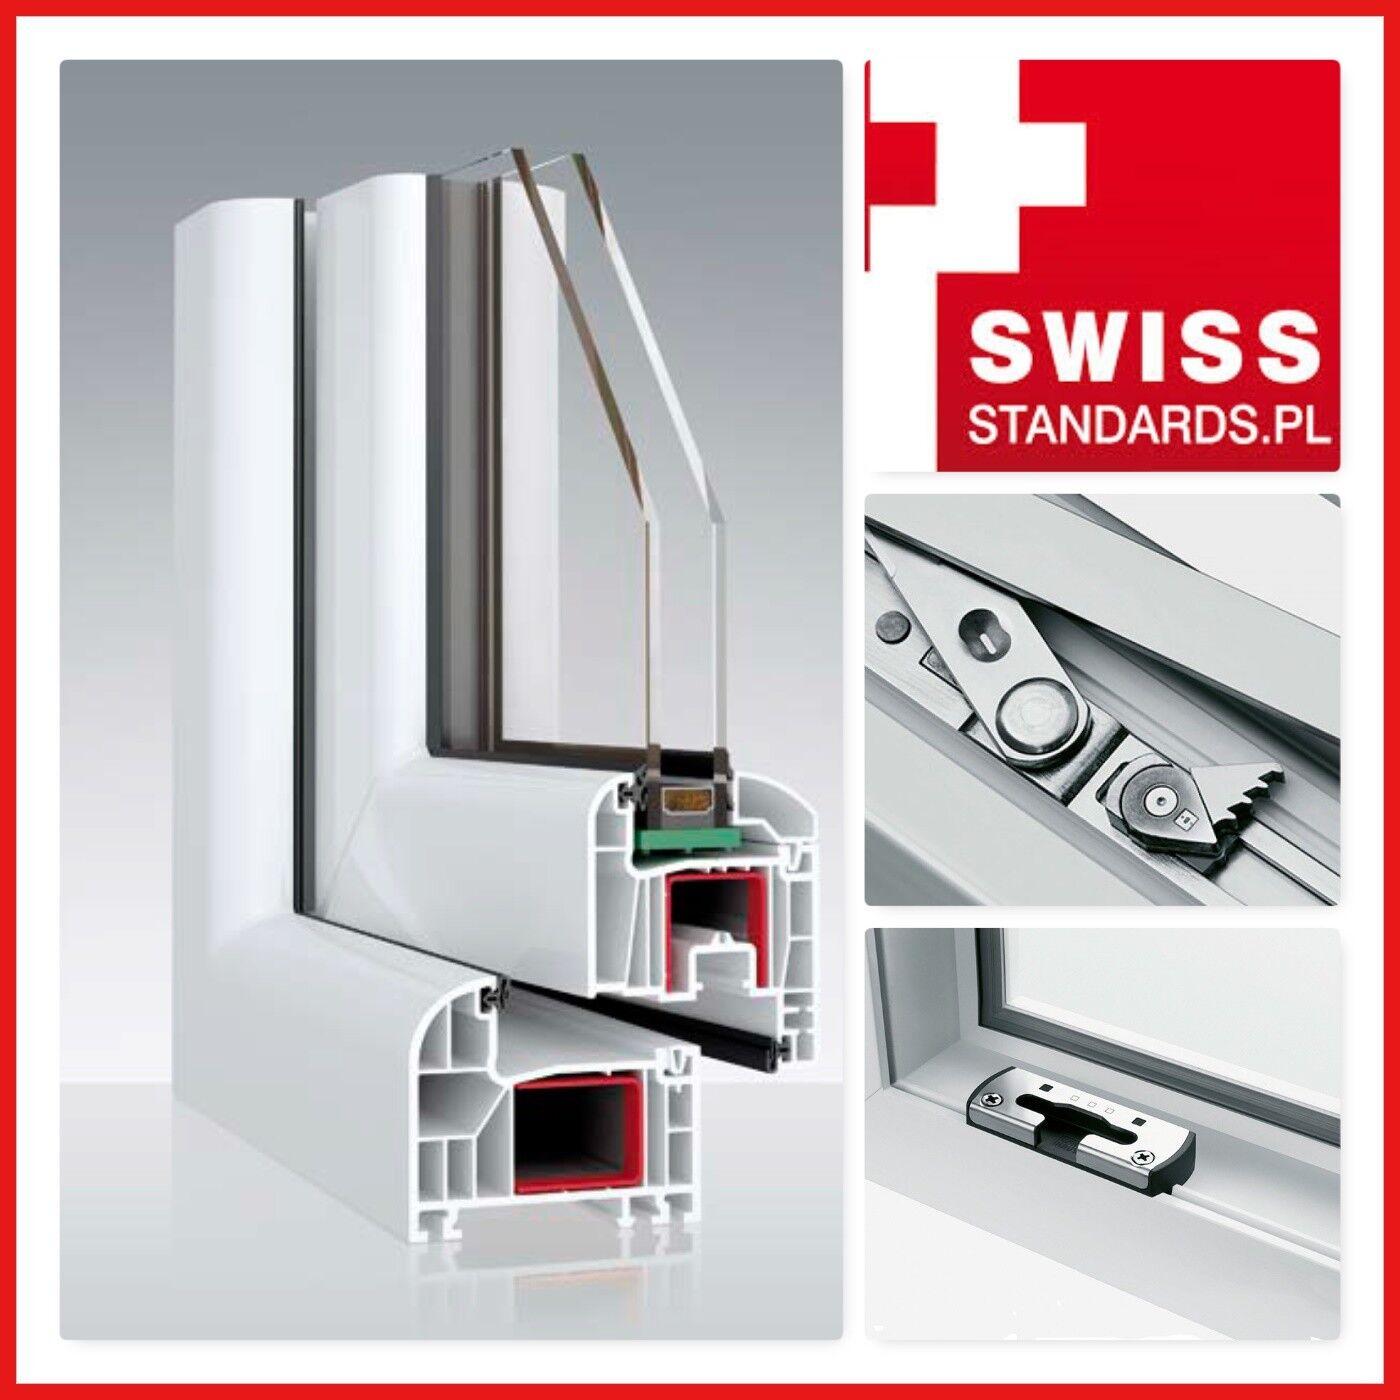 Ovlo Classic Soft - Line Fenster Dreh / Kipp Kunststofffenster B 100 x H 150